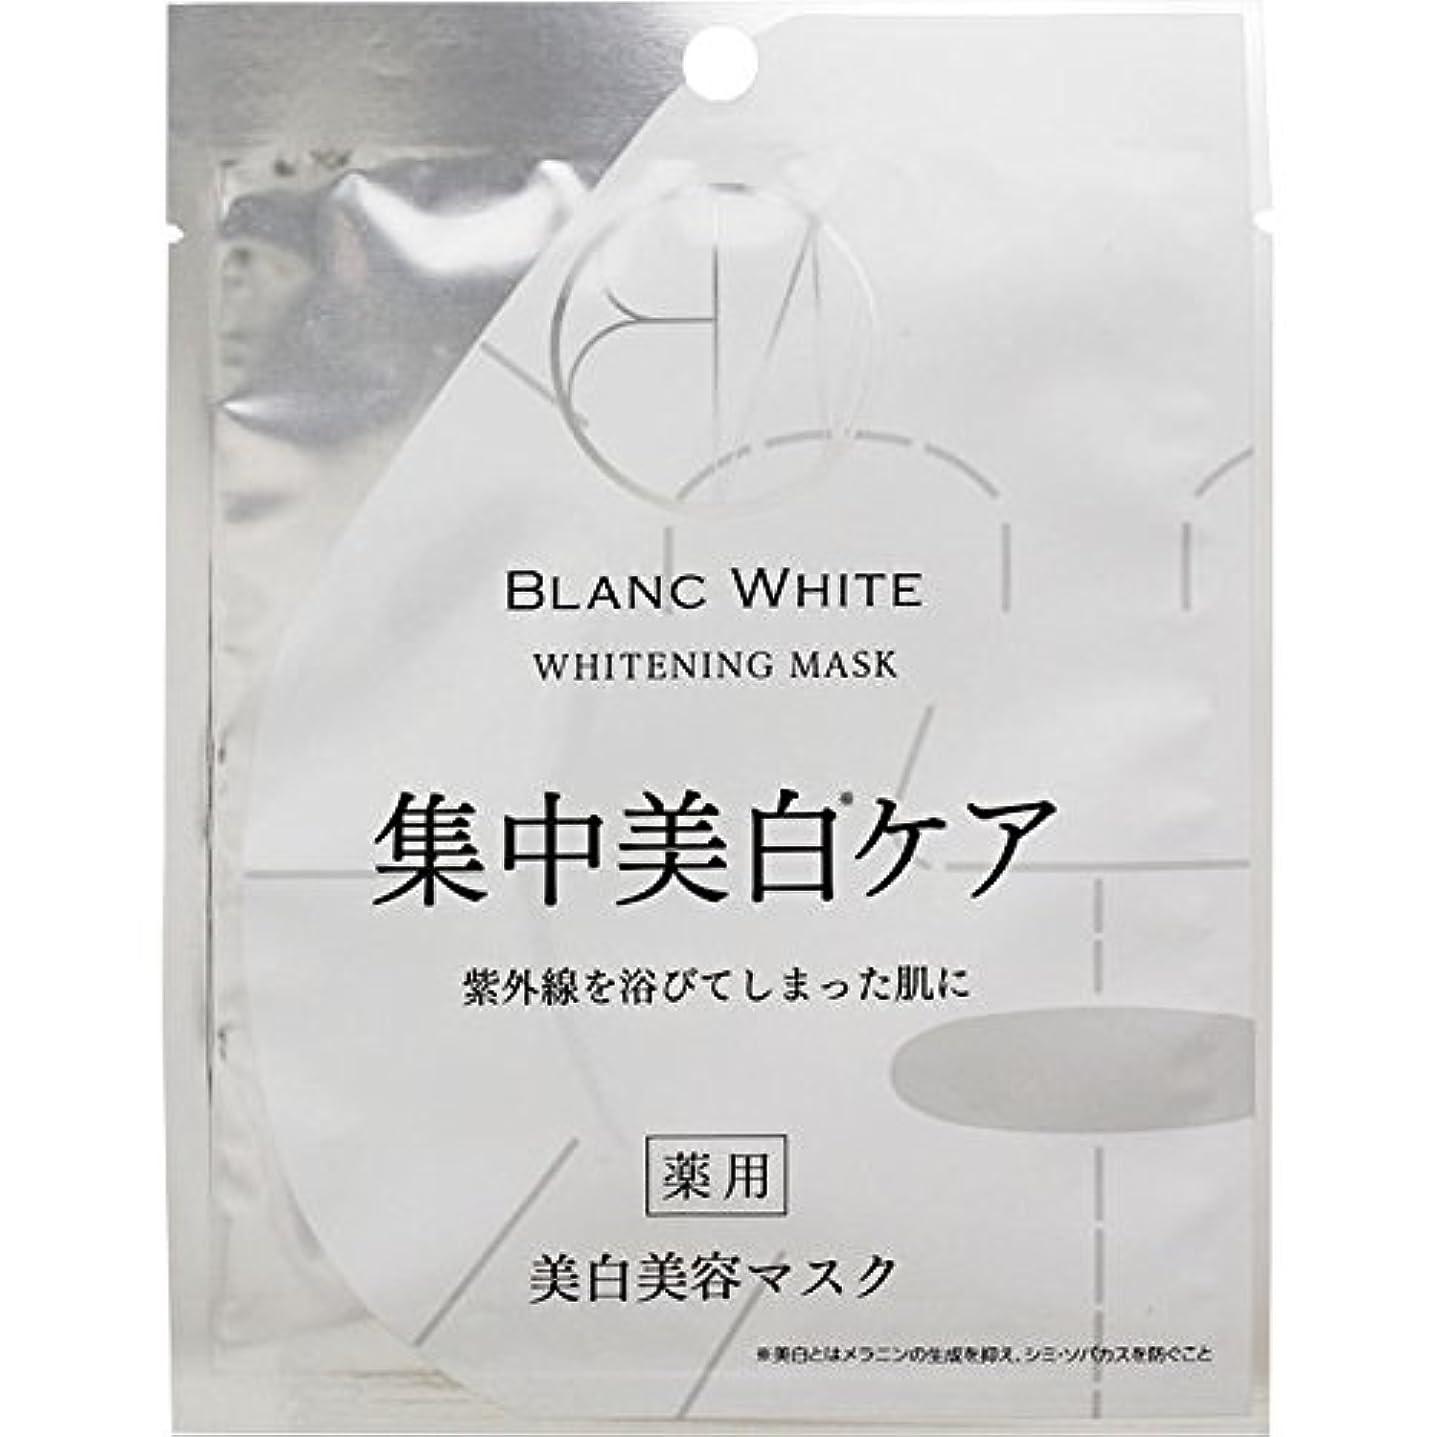 測る驚かす誠意ブランホワイト ホワイトニングマスク 1枚【21ml】 (医薬部外品)